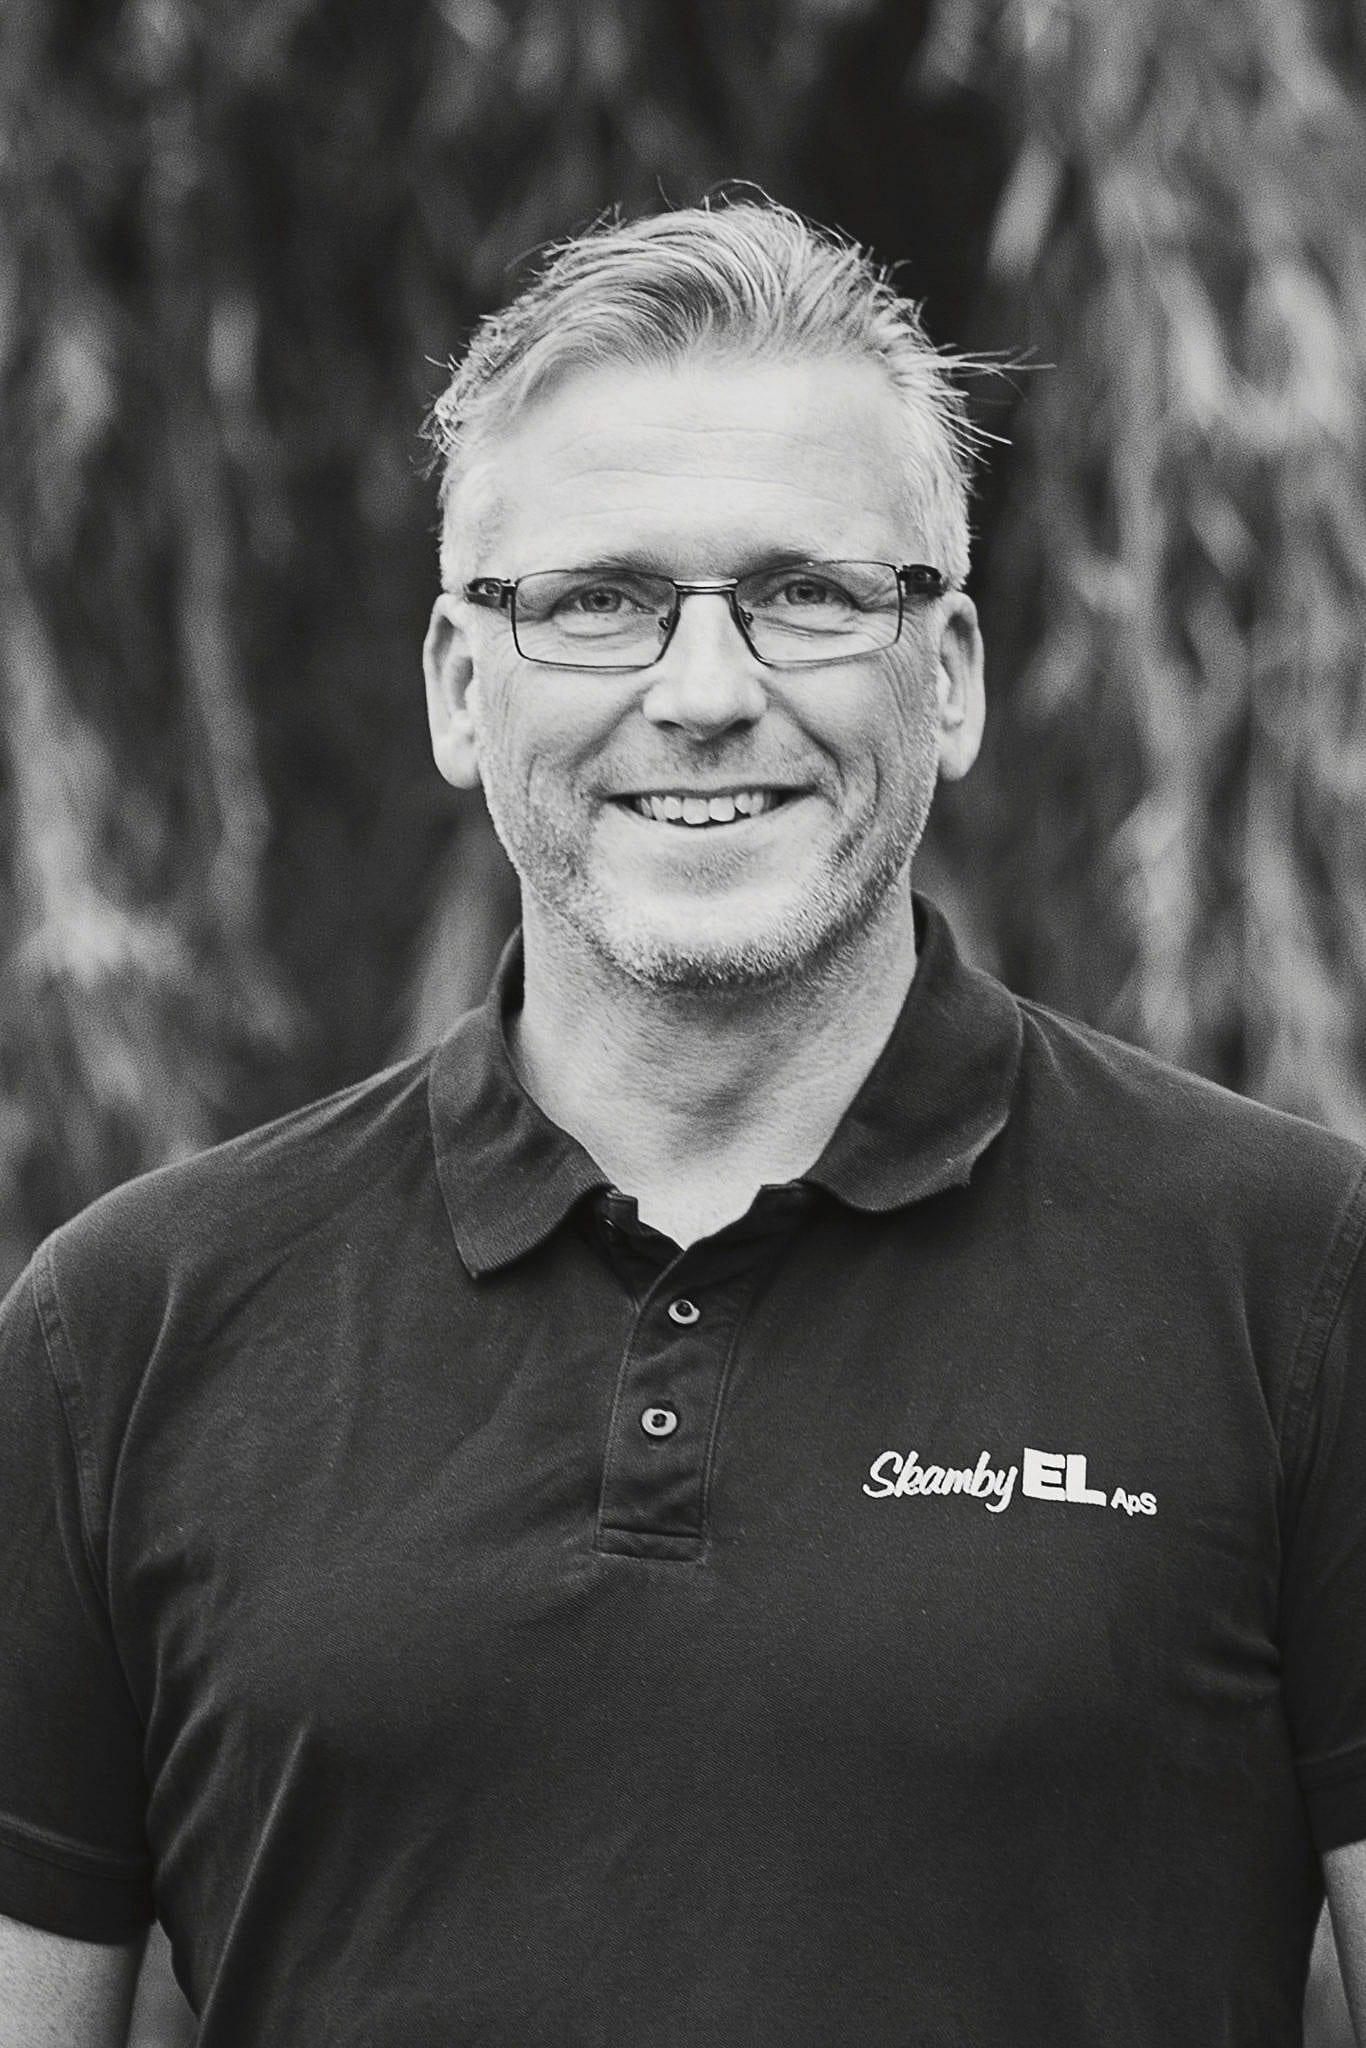 Robin Saager Jakobsen